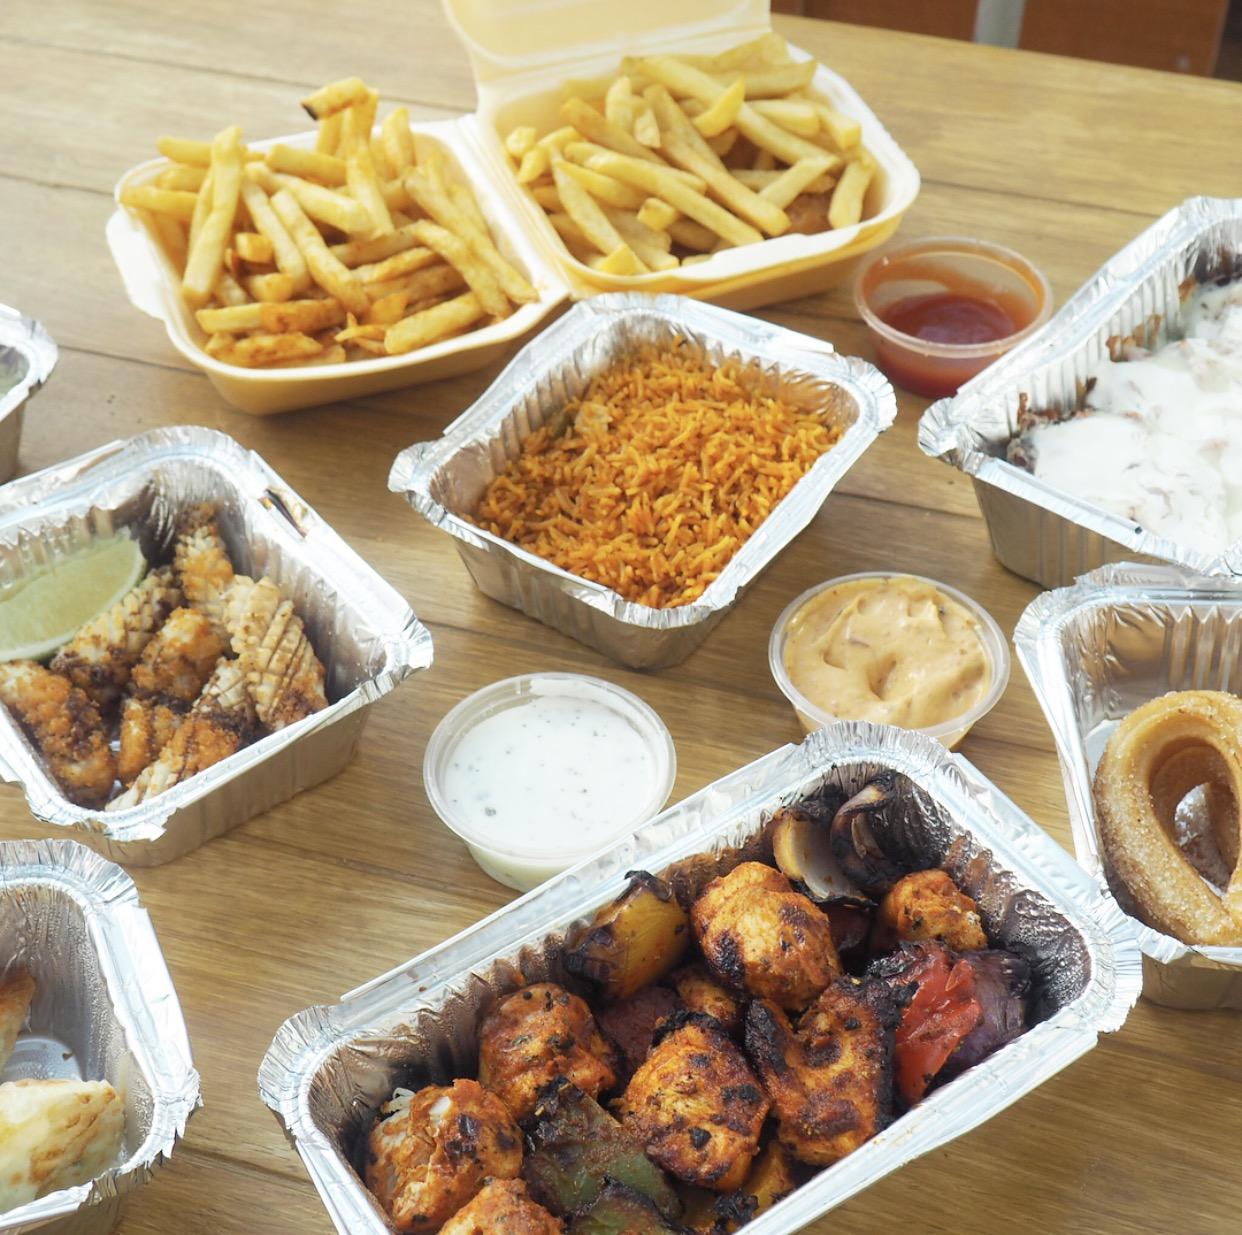 Just Eat - Online Food Order & Delivery Service.